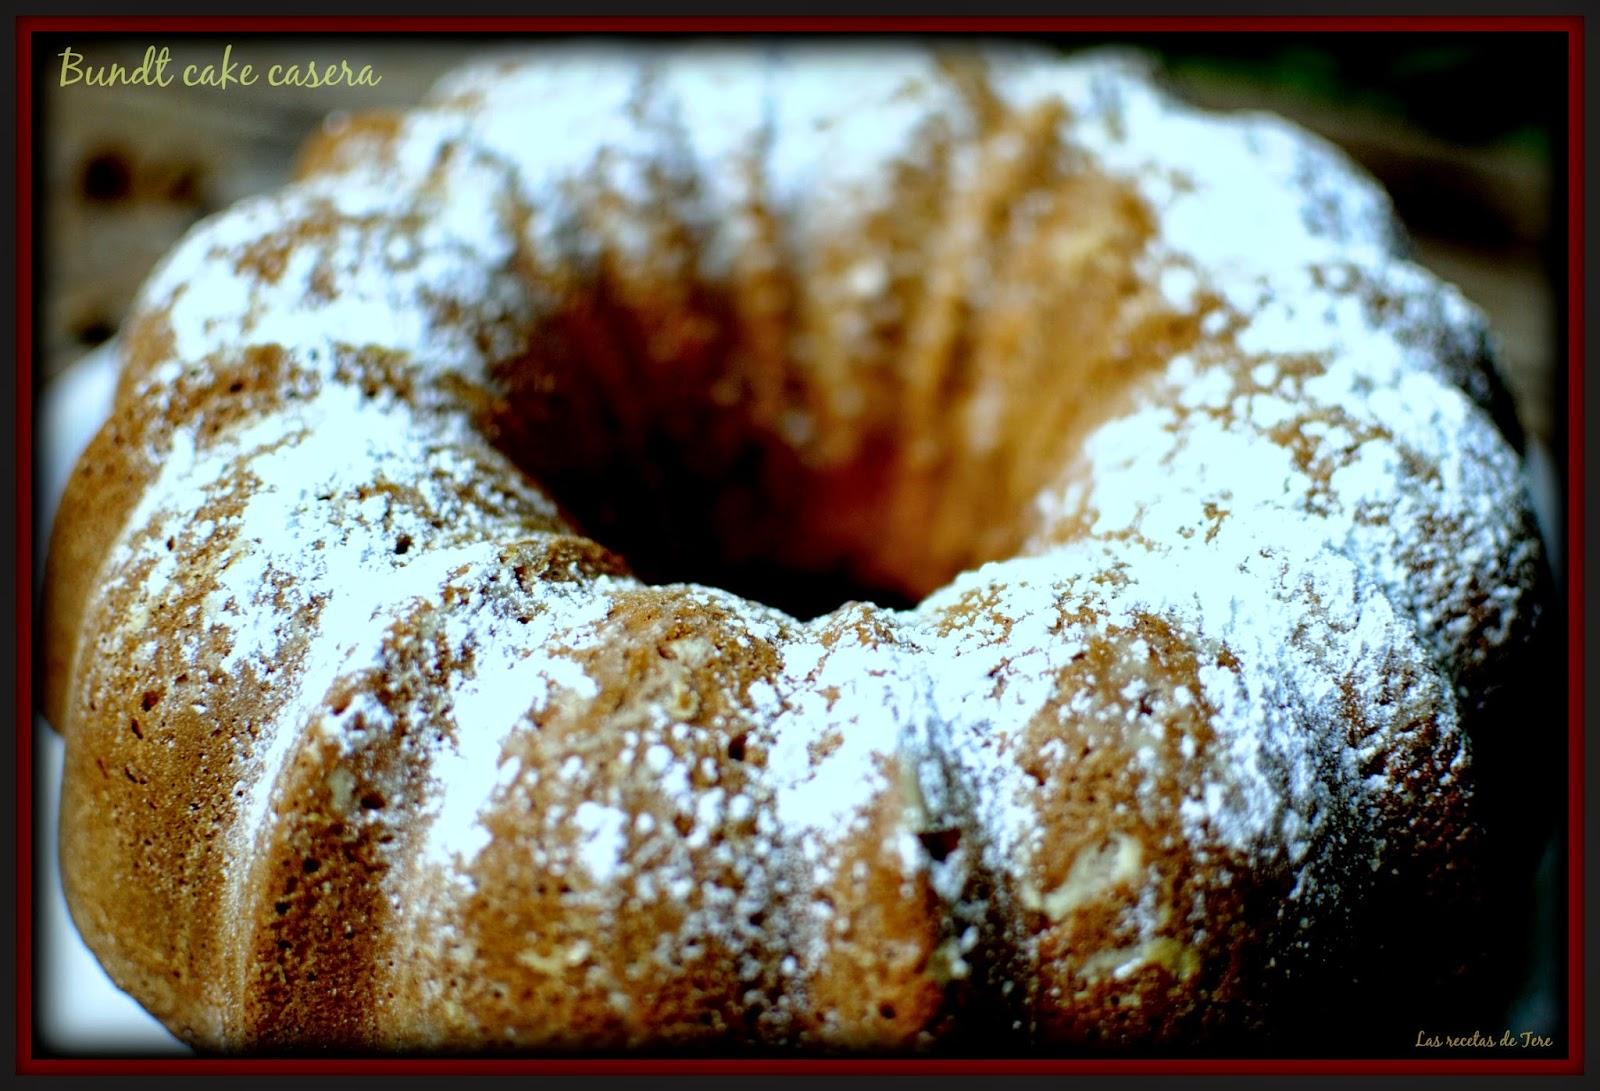 bundt cake casera las recetas de tere 02